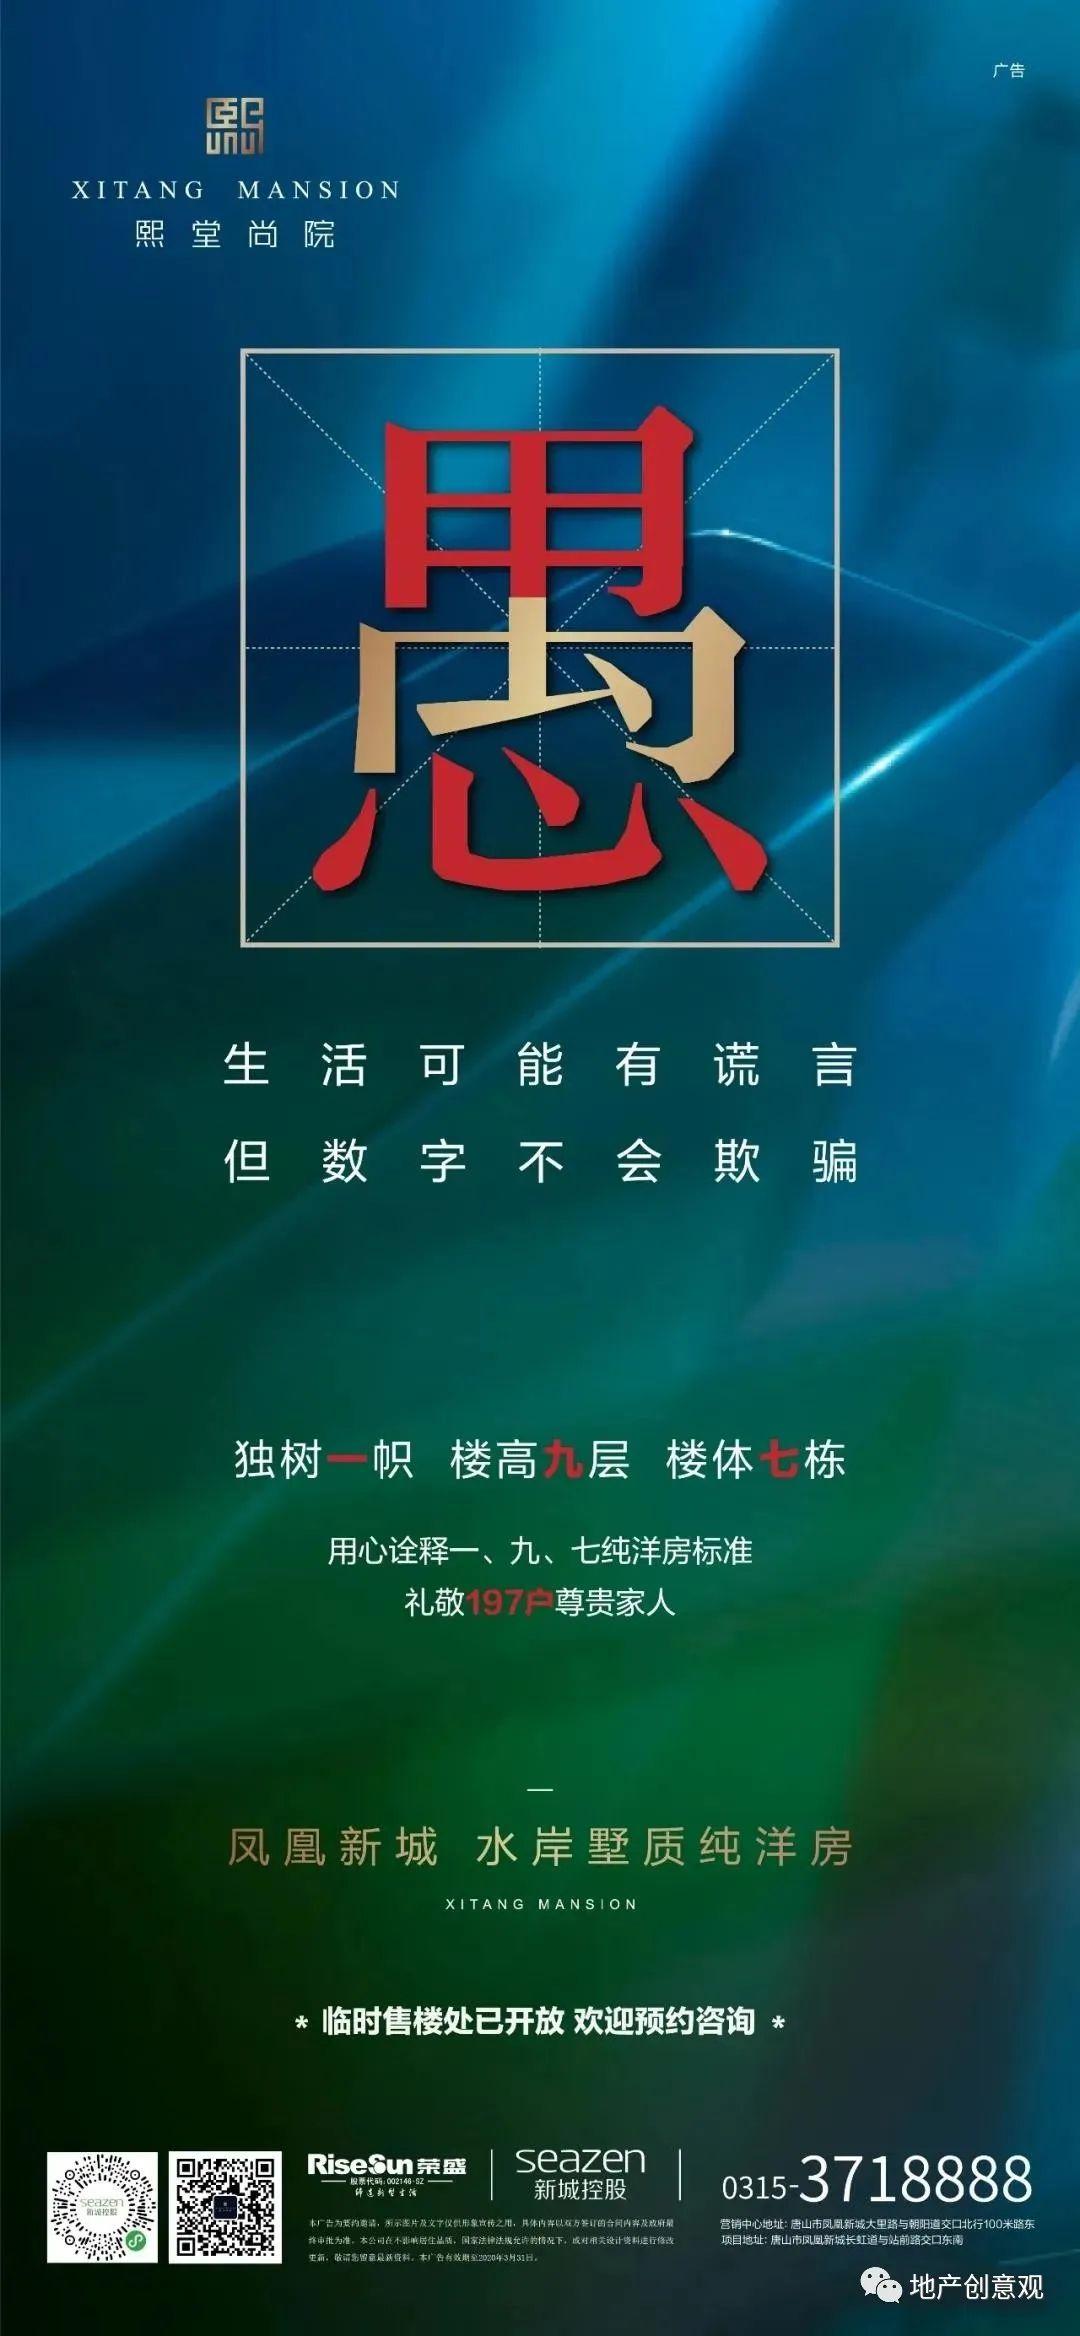 地产广告丨2021愚人节借势海报文案欣赏~插图36